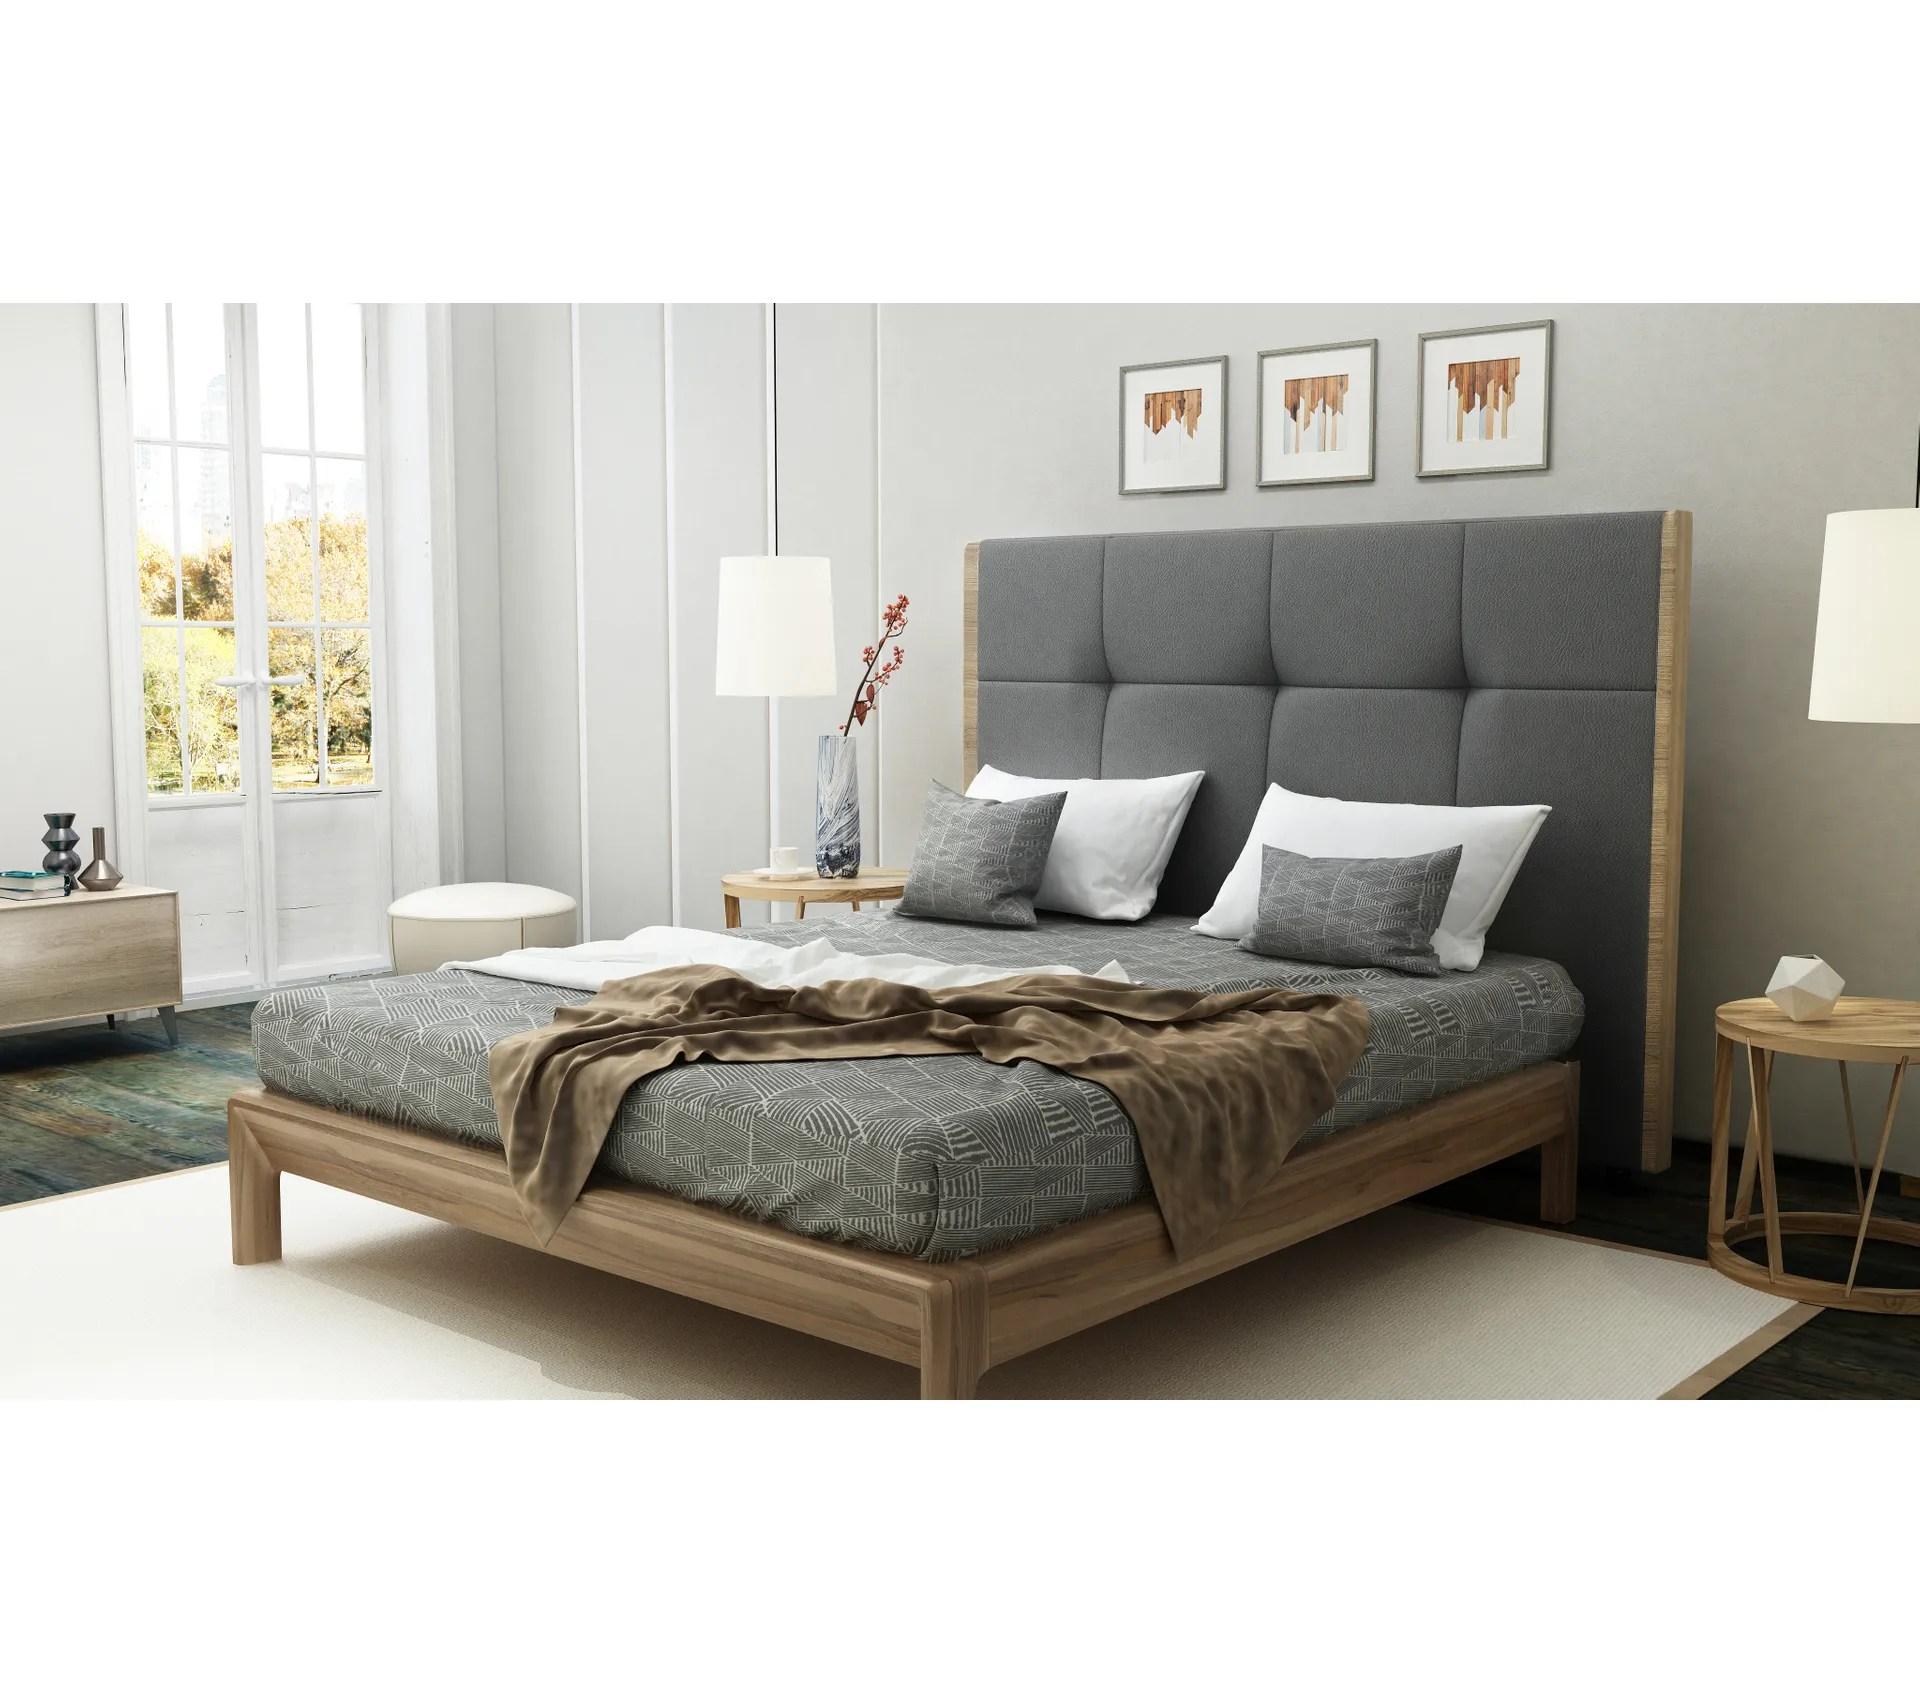 tete de lit l 160 cm cloe pu gris et imitation bois